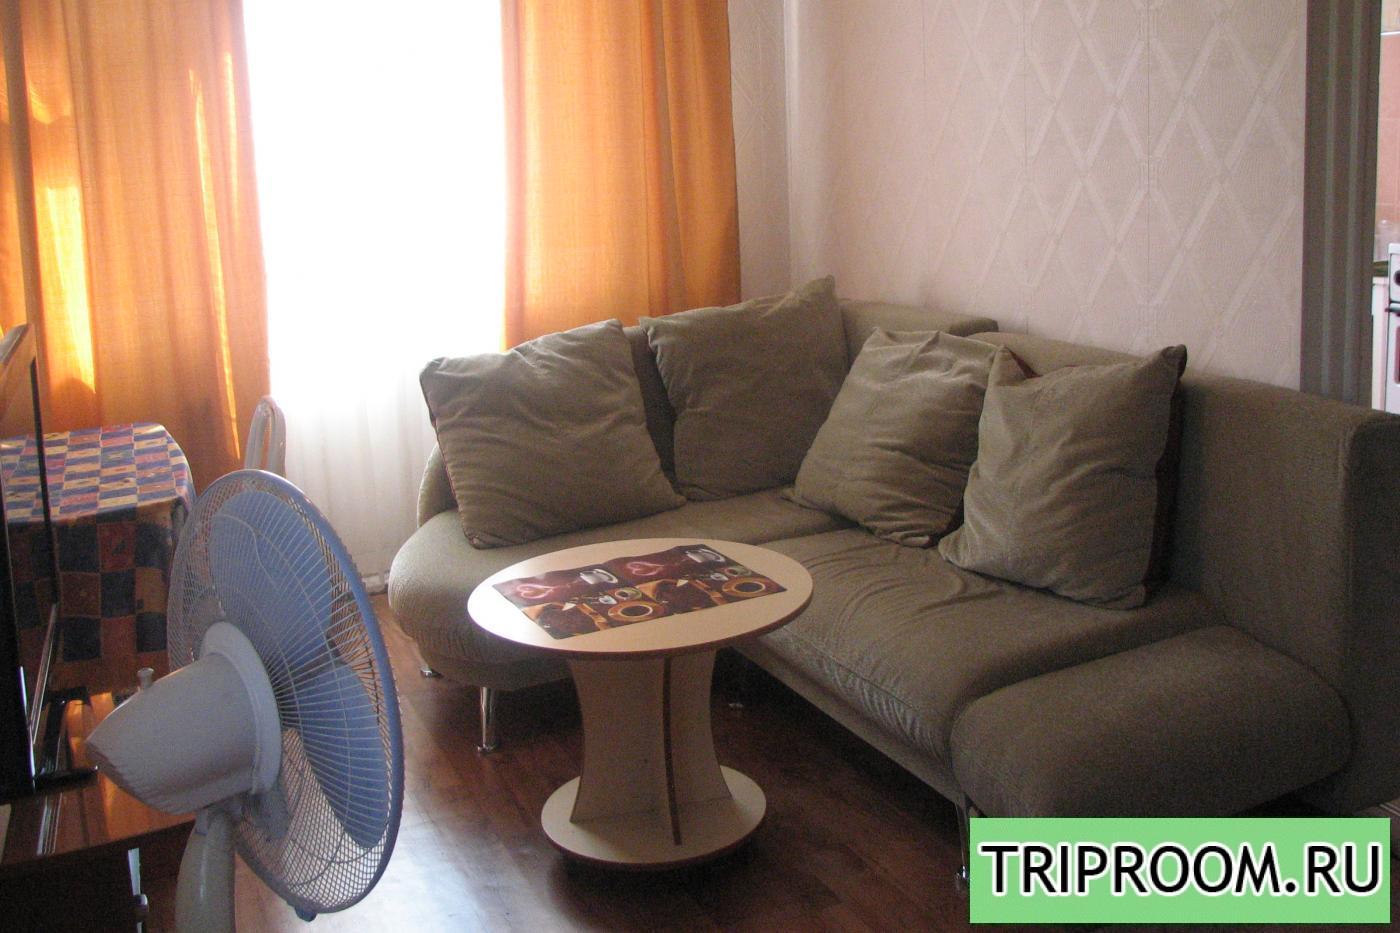 1-комнатная квартира посуточно (вариант № 2608), ул. Цветной проезд, фото № 7